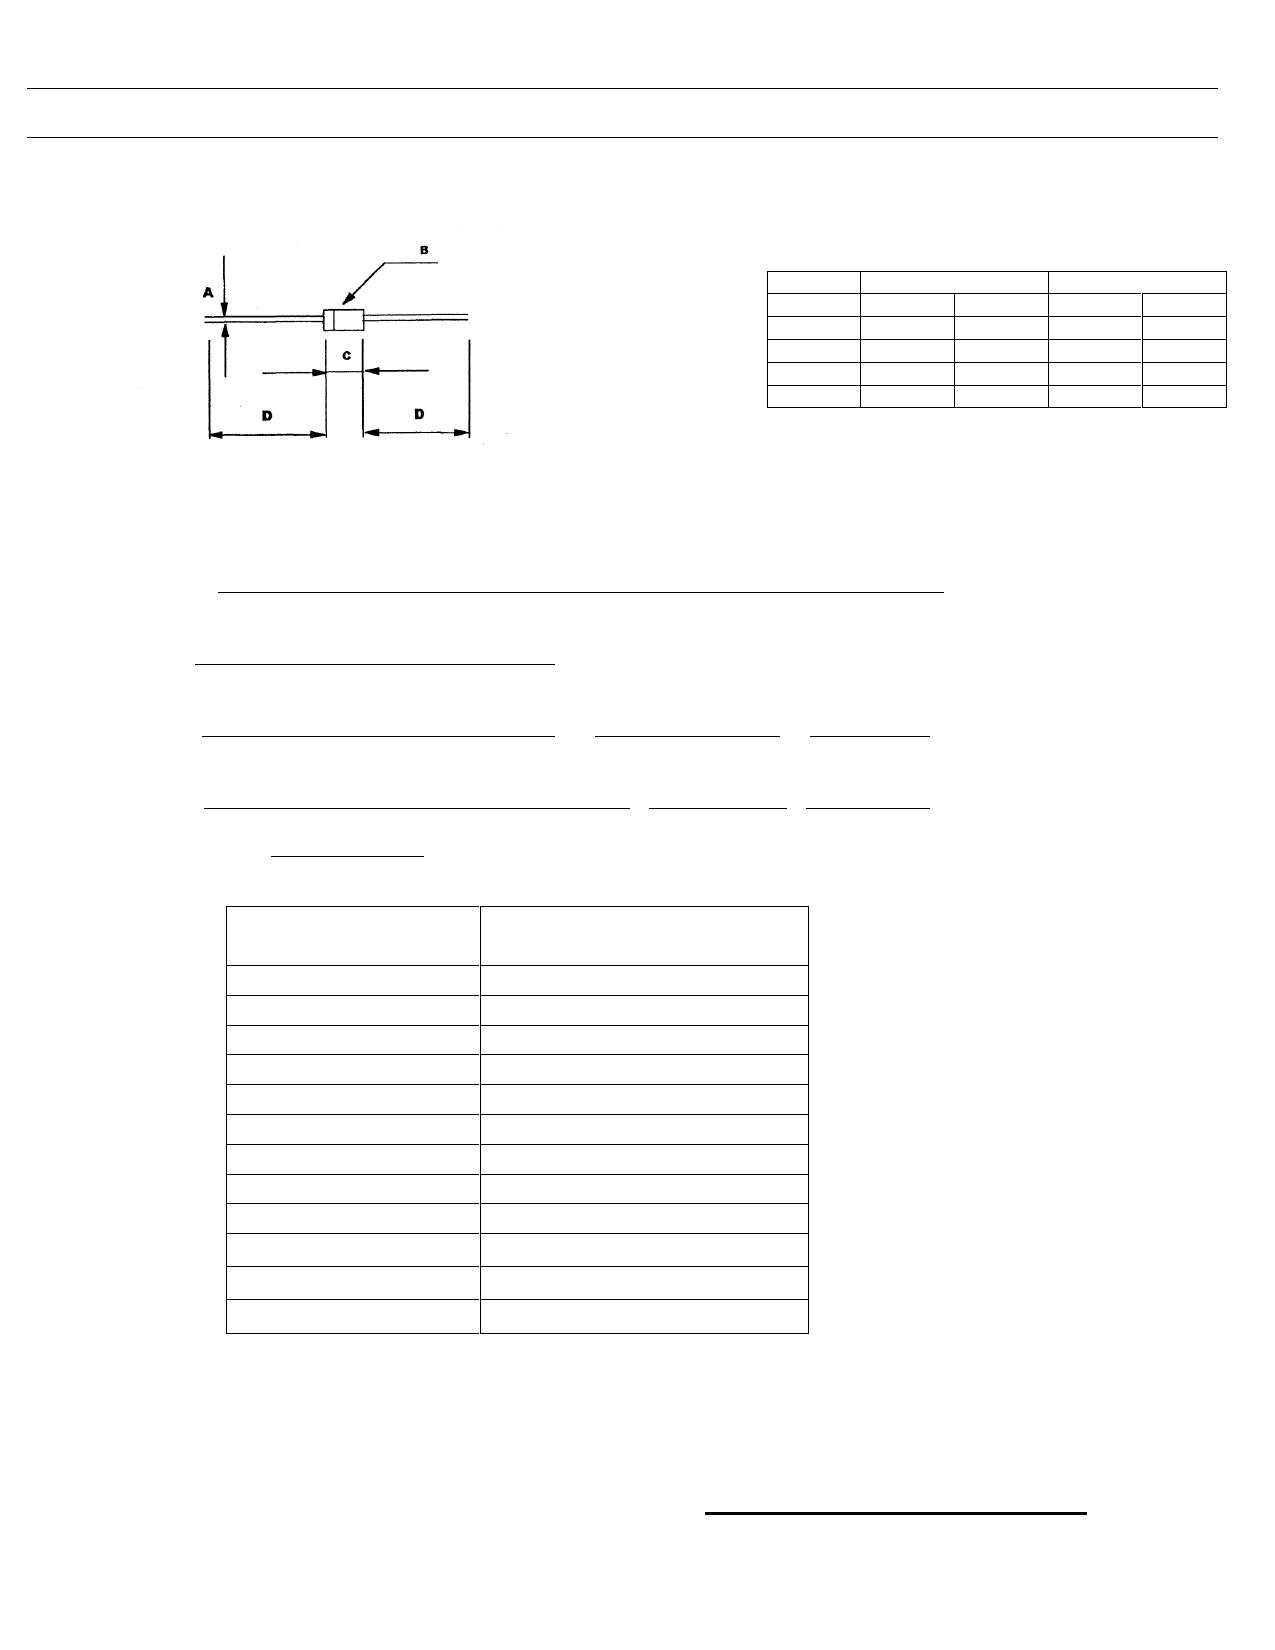 B8B5 datasheet